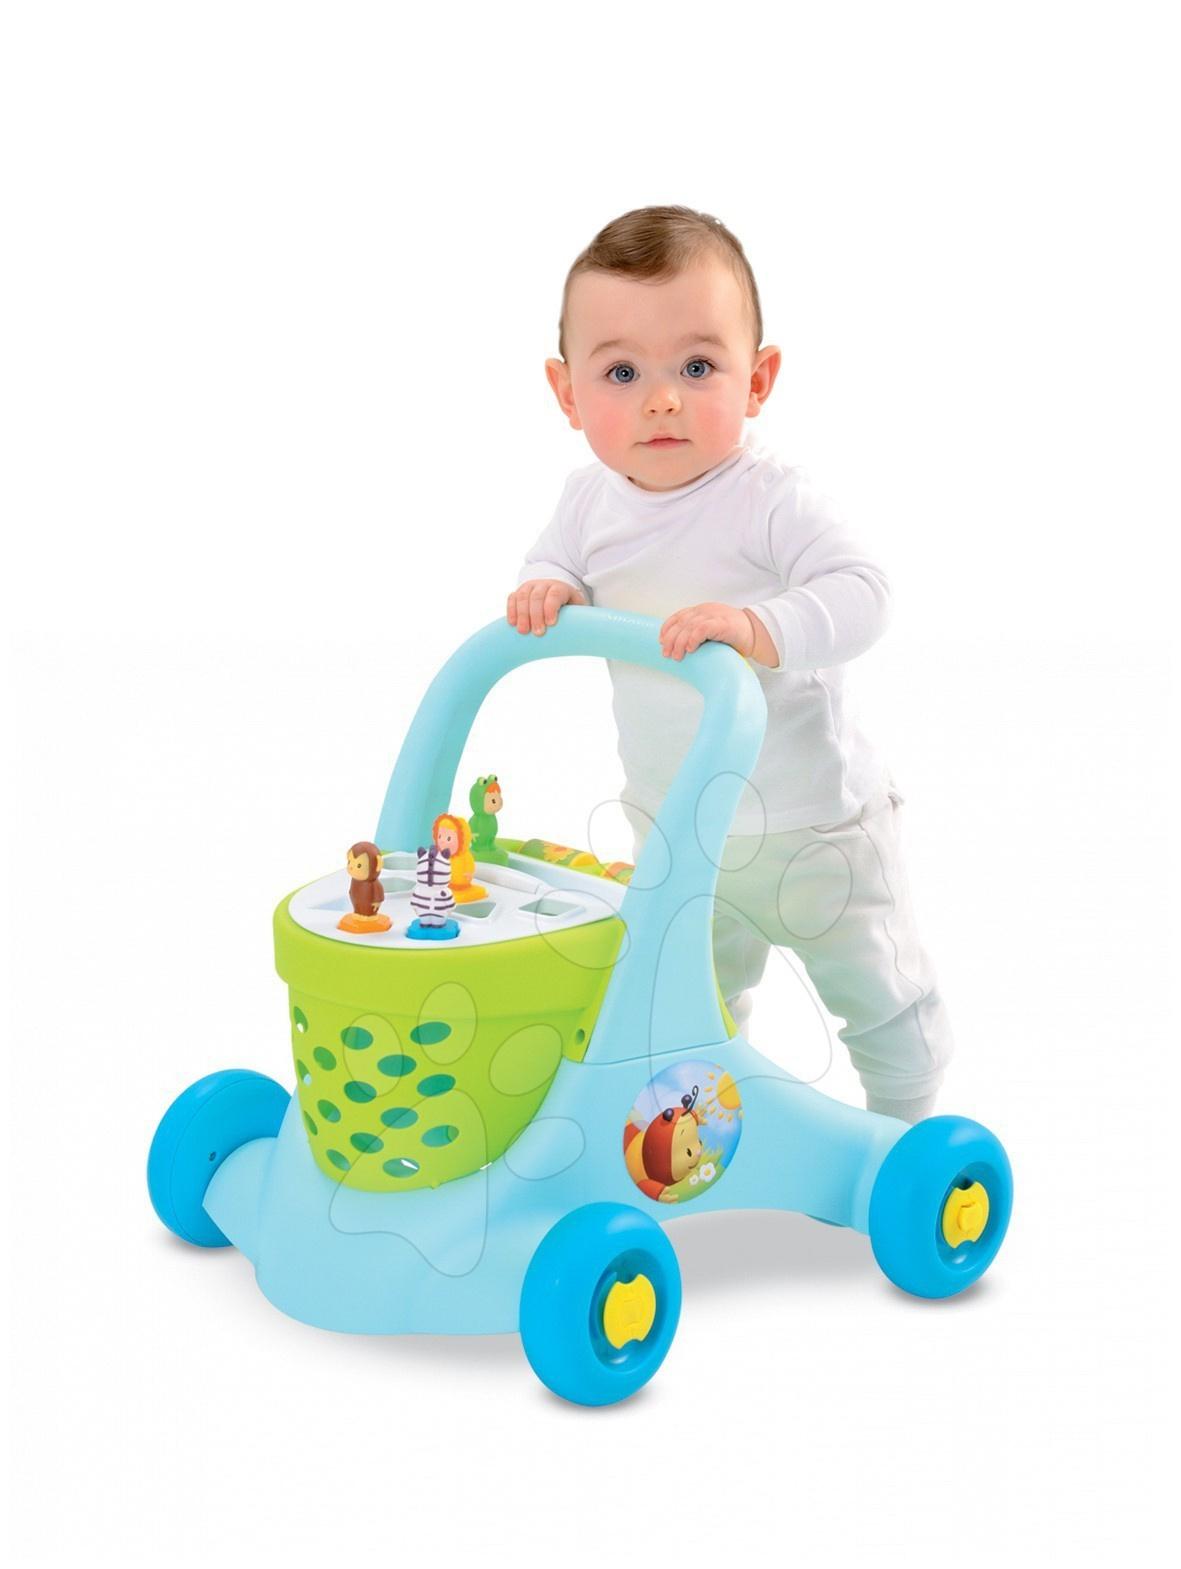 Vozík chodítko Cotoons Trott Smoby modré od 12 měsíců